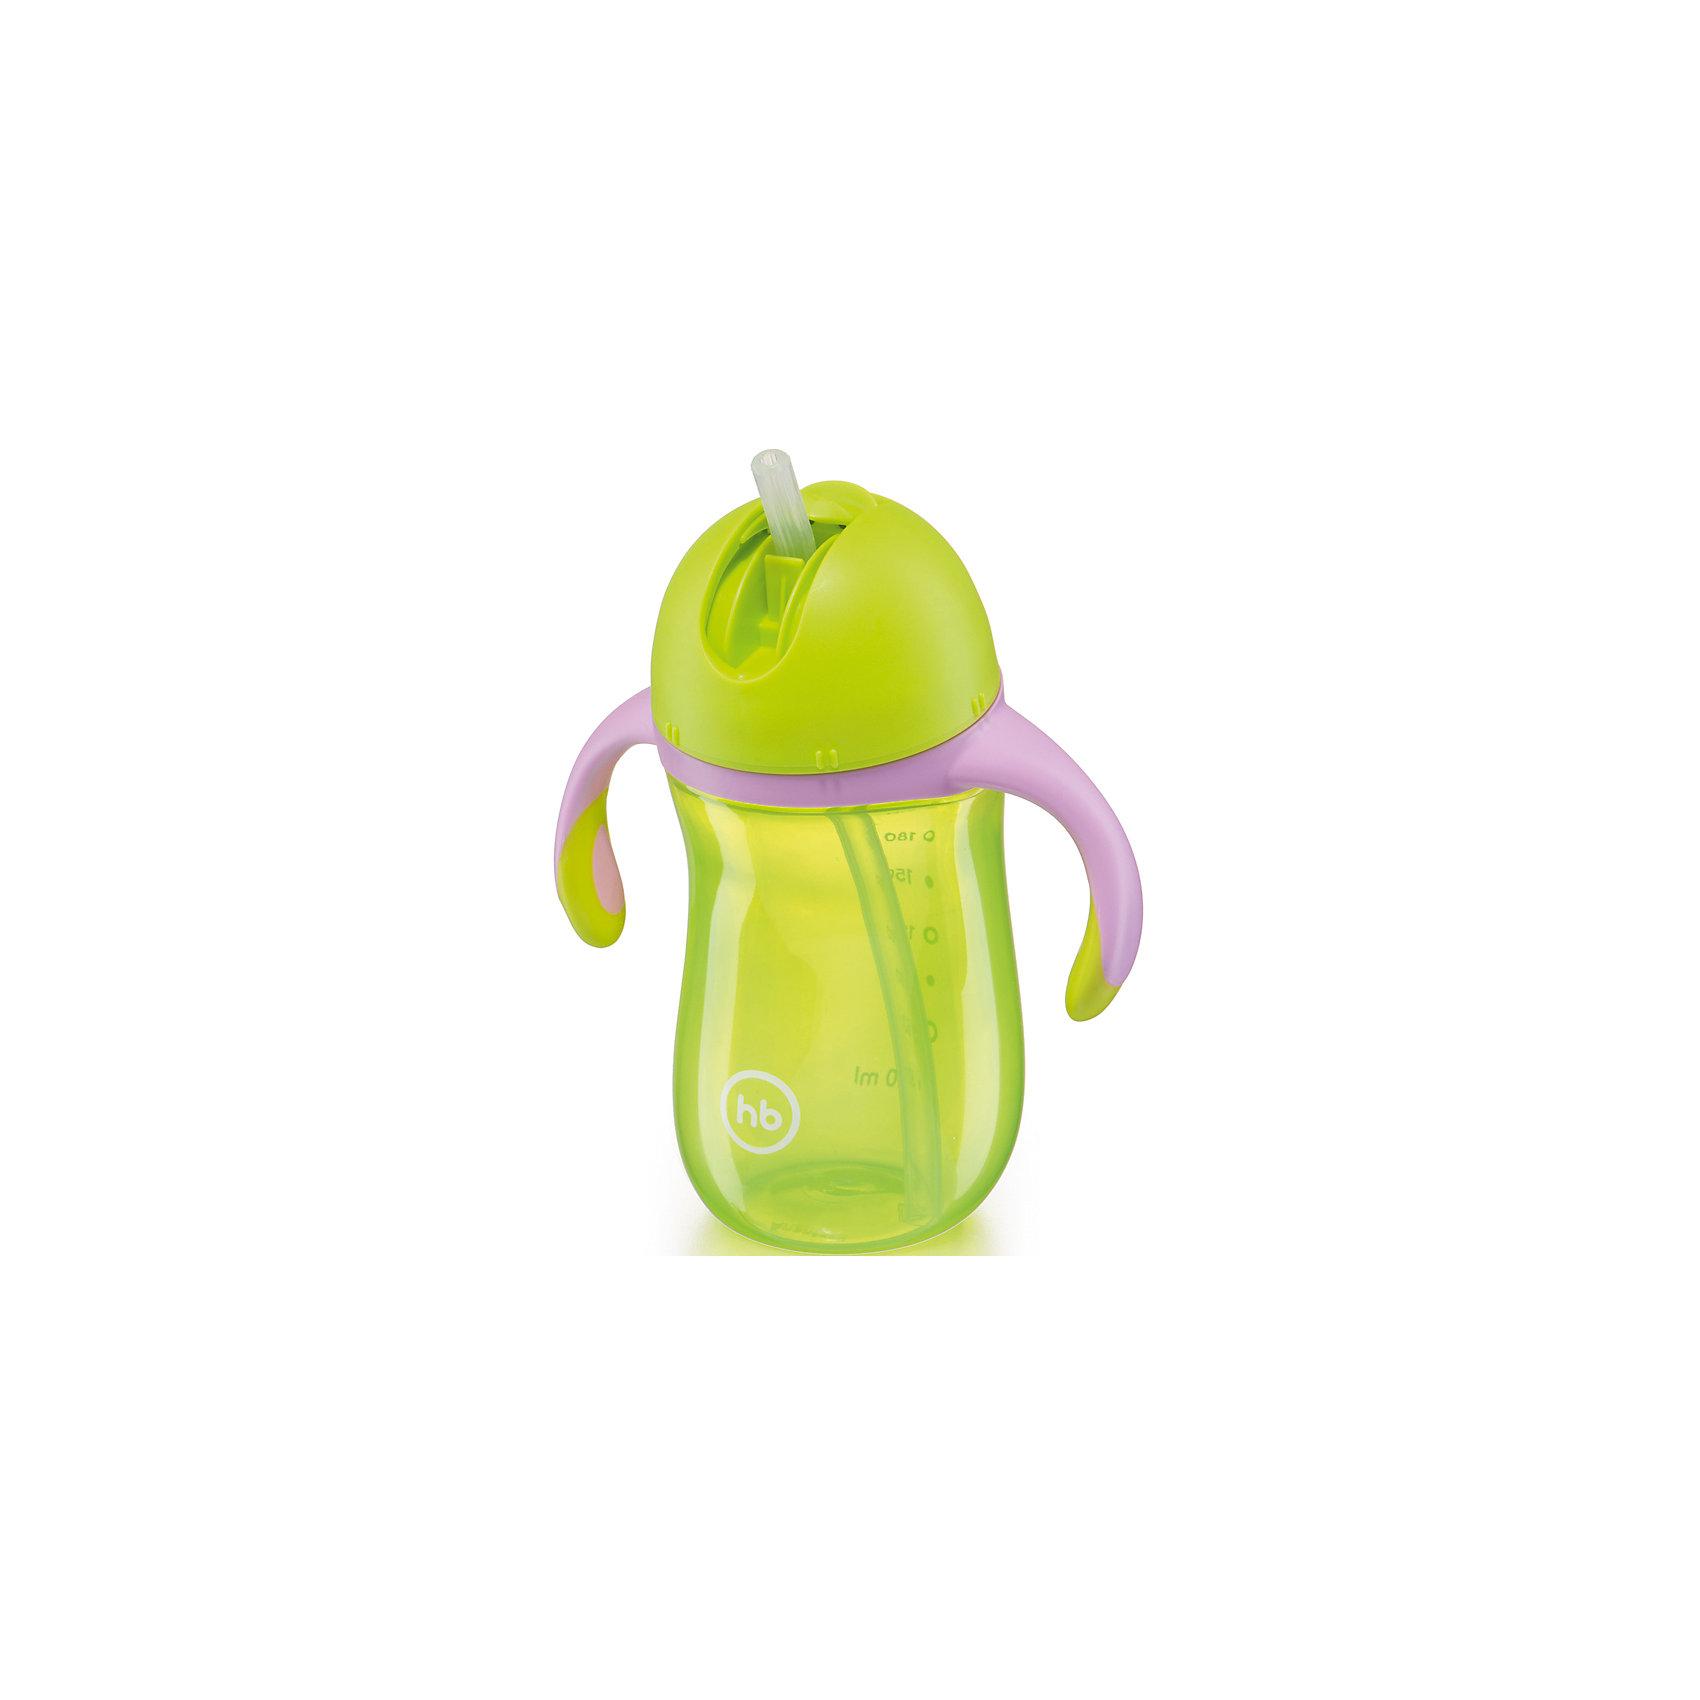 Поильник с трубочкой и ручками STAR FEEDING CUP, Happy Baby, зеленыйПоильник STAR FEEDING CUP имеет удобные съёмные ручки с нескользящим покрытием и эргономичную форму, оснащен закрывающимся клапаном, позволяющим сохранить трубочку чистой. Изготовлен из высококачественных нетоксичных материалов безопасных для детей. Гибкая мягкая трубочка не повредит нежные дёсны малыша, герметичная крышка исключит протекание.<br>Поильник STAR FEEDING CUP позволит малышам легко и быстро перейти от питья из соски к питью из чашки.<br><br>Дополнительная информация:<br><br>- Материал: пластик, силикон. <br>- Объем 260 мл.<br>- Съемные ручки с нескользящим покрытием;<br>- Удобная эргономичная форма.<br>- Герметичная крышка.<br>- Шкала с делениями.<br>- Ёршик для чистки трубочки в комплекте.<br>- Не содержит Бисфенол А.<br><br>Поильник с трубочкой и ручками STAR FEEDING CUP, Happy Baby (Хеппи Беби), зеленый, можно купить в нашем магазине.<br><br>Ширина мм: 70<br>Глубина мм: 130<br>Высота мм: 220<br>Вес г: 105<br>Возраст от месяцев: 6<br>Возраст до месяцев: 36<br>Пол: Унисекс<br>Возраст: Детский<br>SKU: 4978398